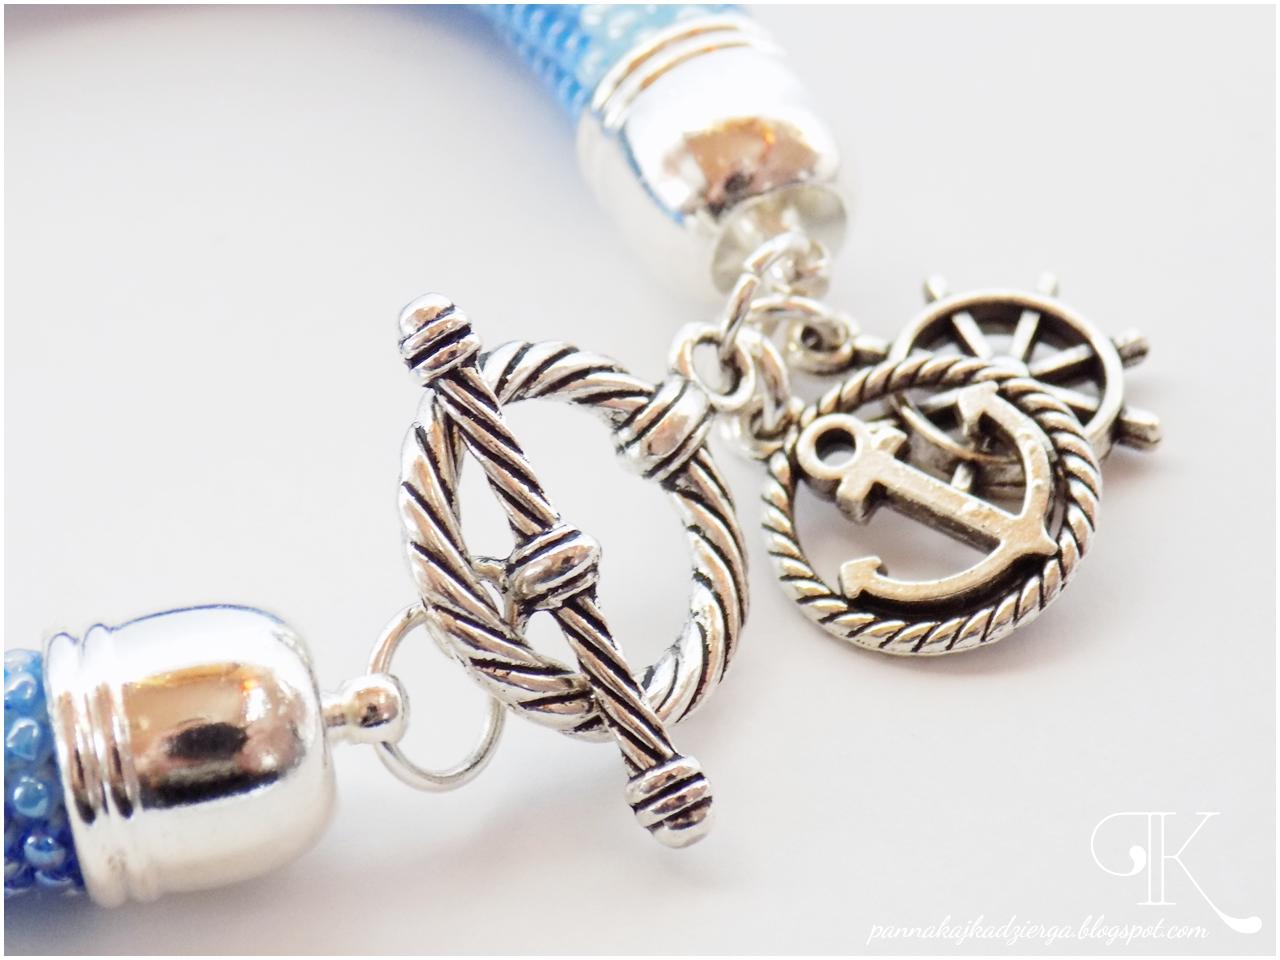 crochet rope, sznur szydełkowy, ukośnik, toho, bransoletki, biżuteria, handmade, rękodzieło